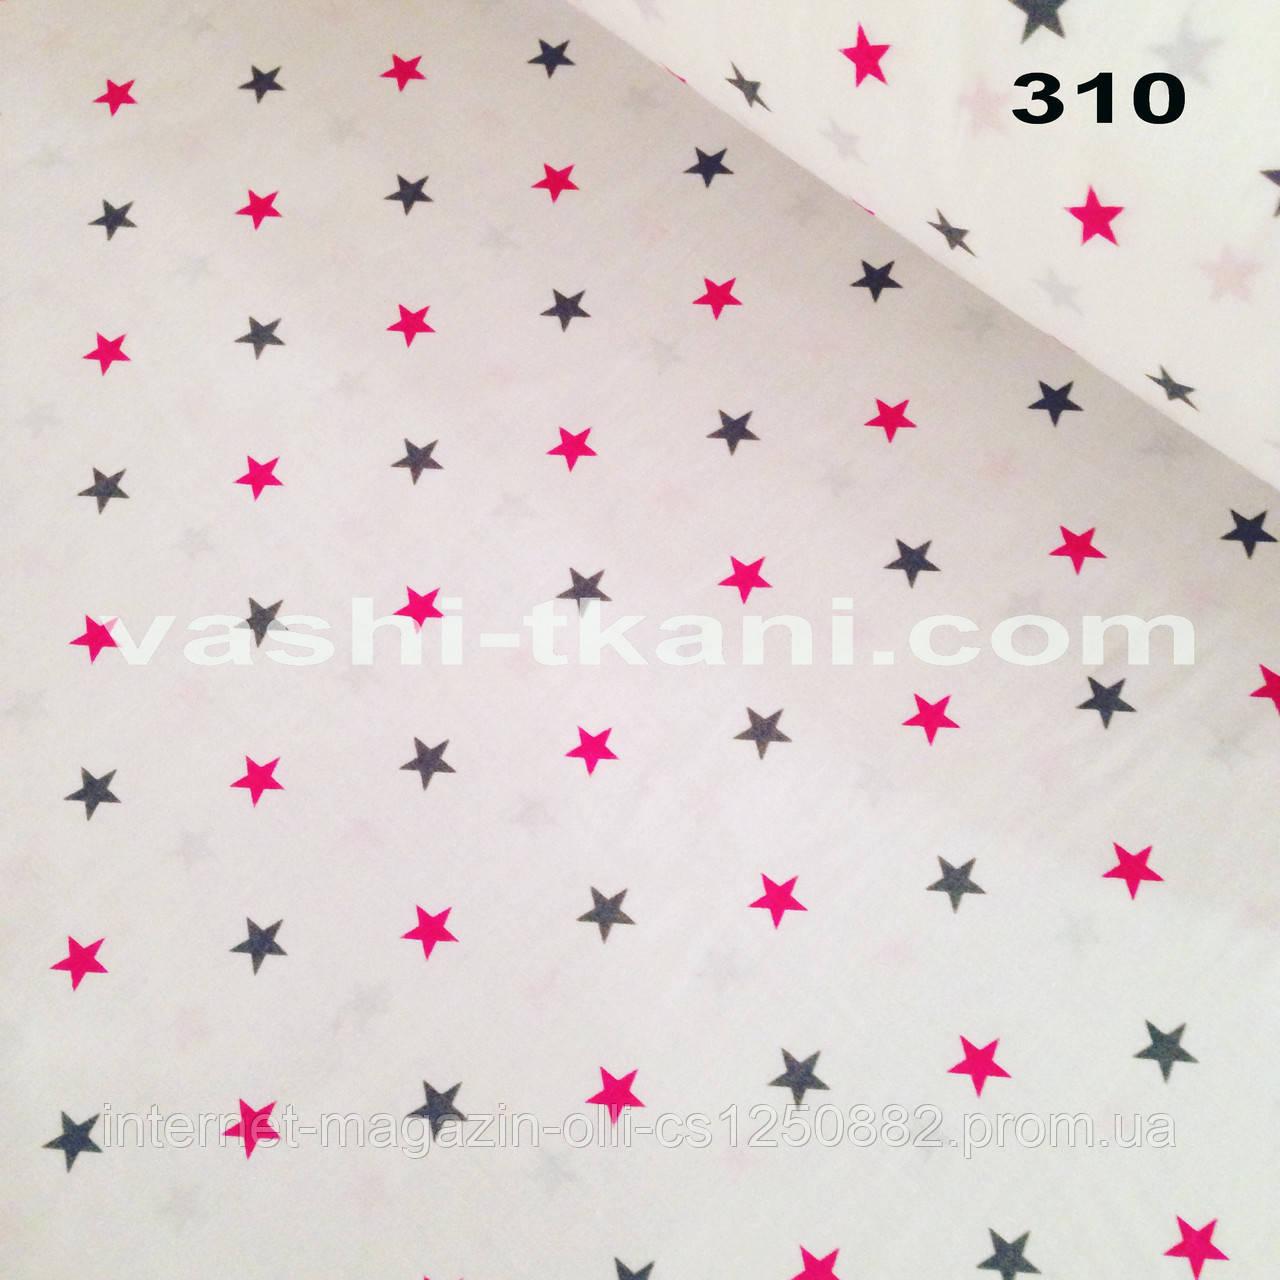 Хлопковая ткань польская мелкие звезды серо-розовые № 310